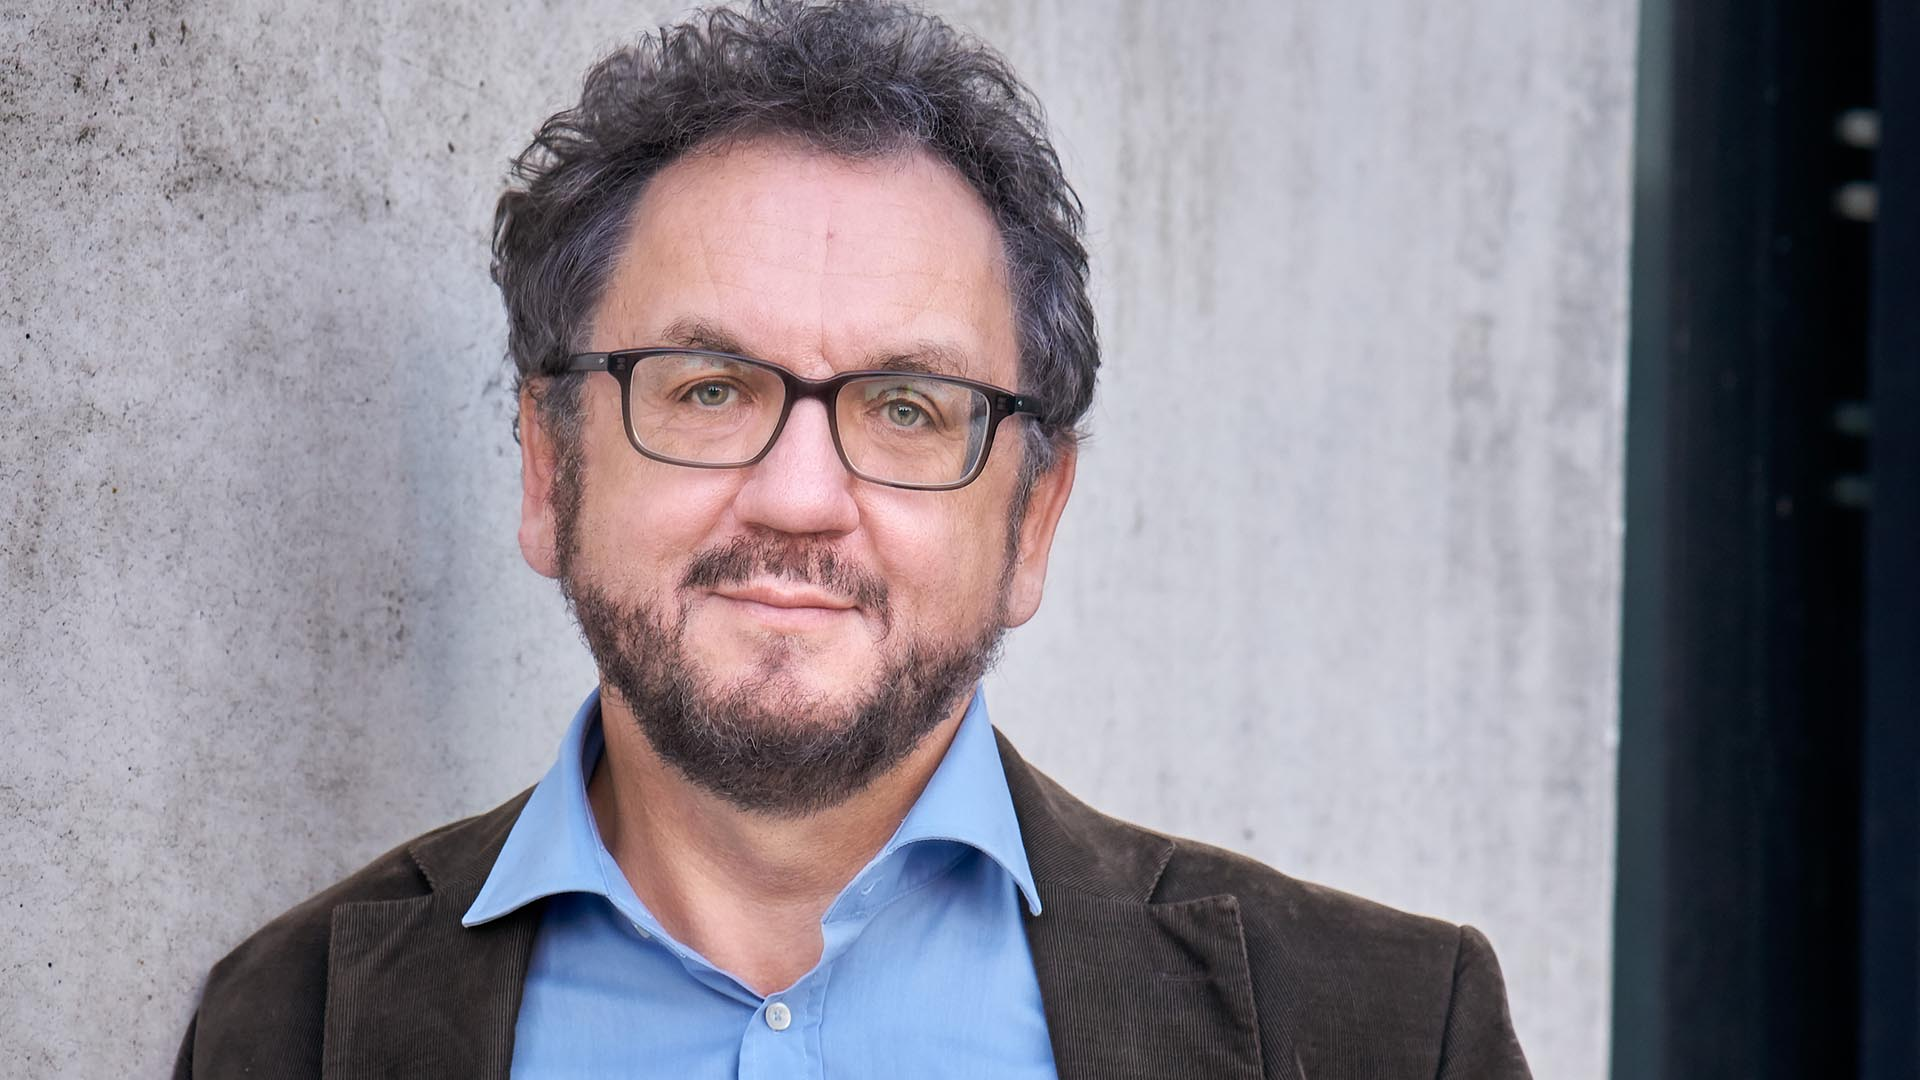 """Der Journalist Heribert Prantl findet es wichtig, dass die Gesellschaft den freien Sonntag als """"große gemeinsame Pause"""" bewahrt."""